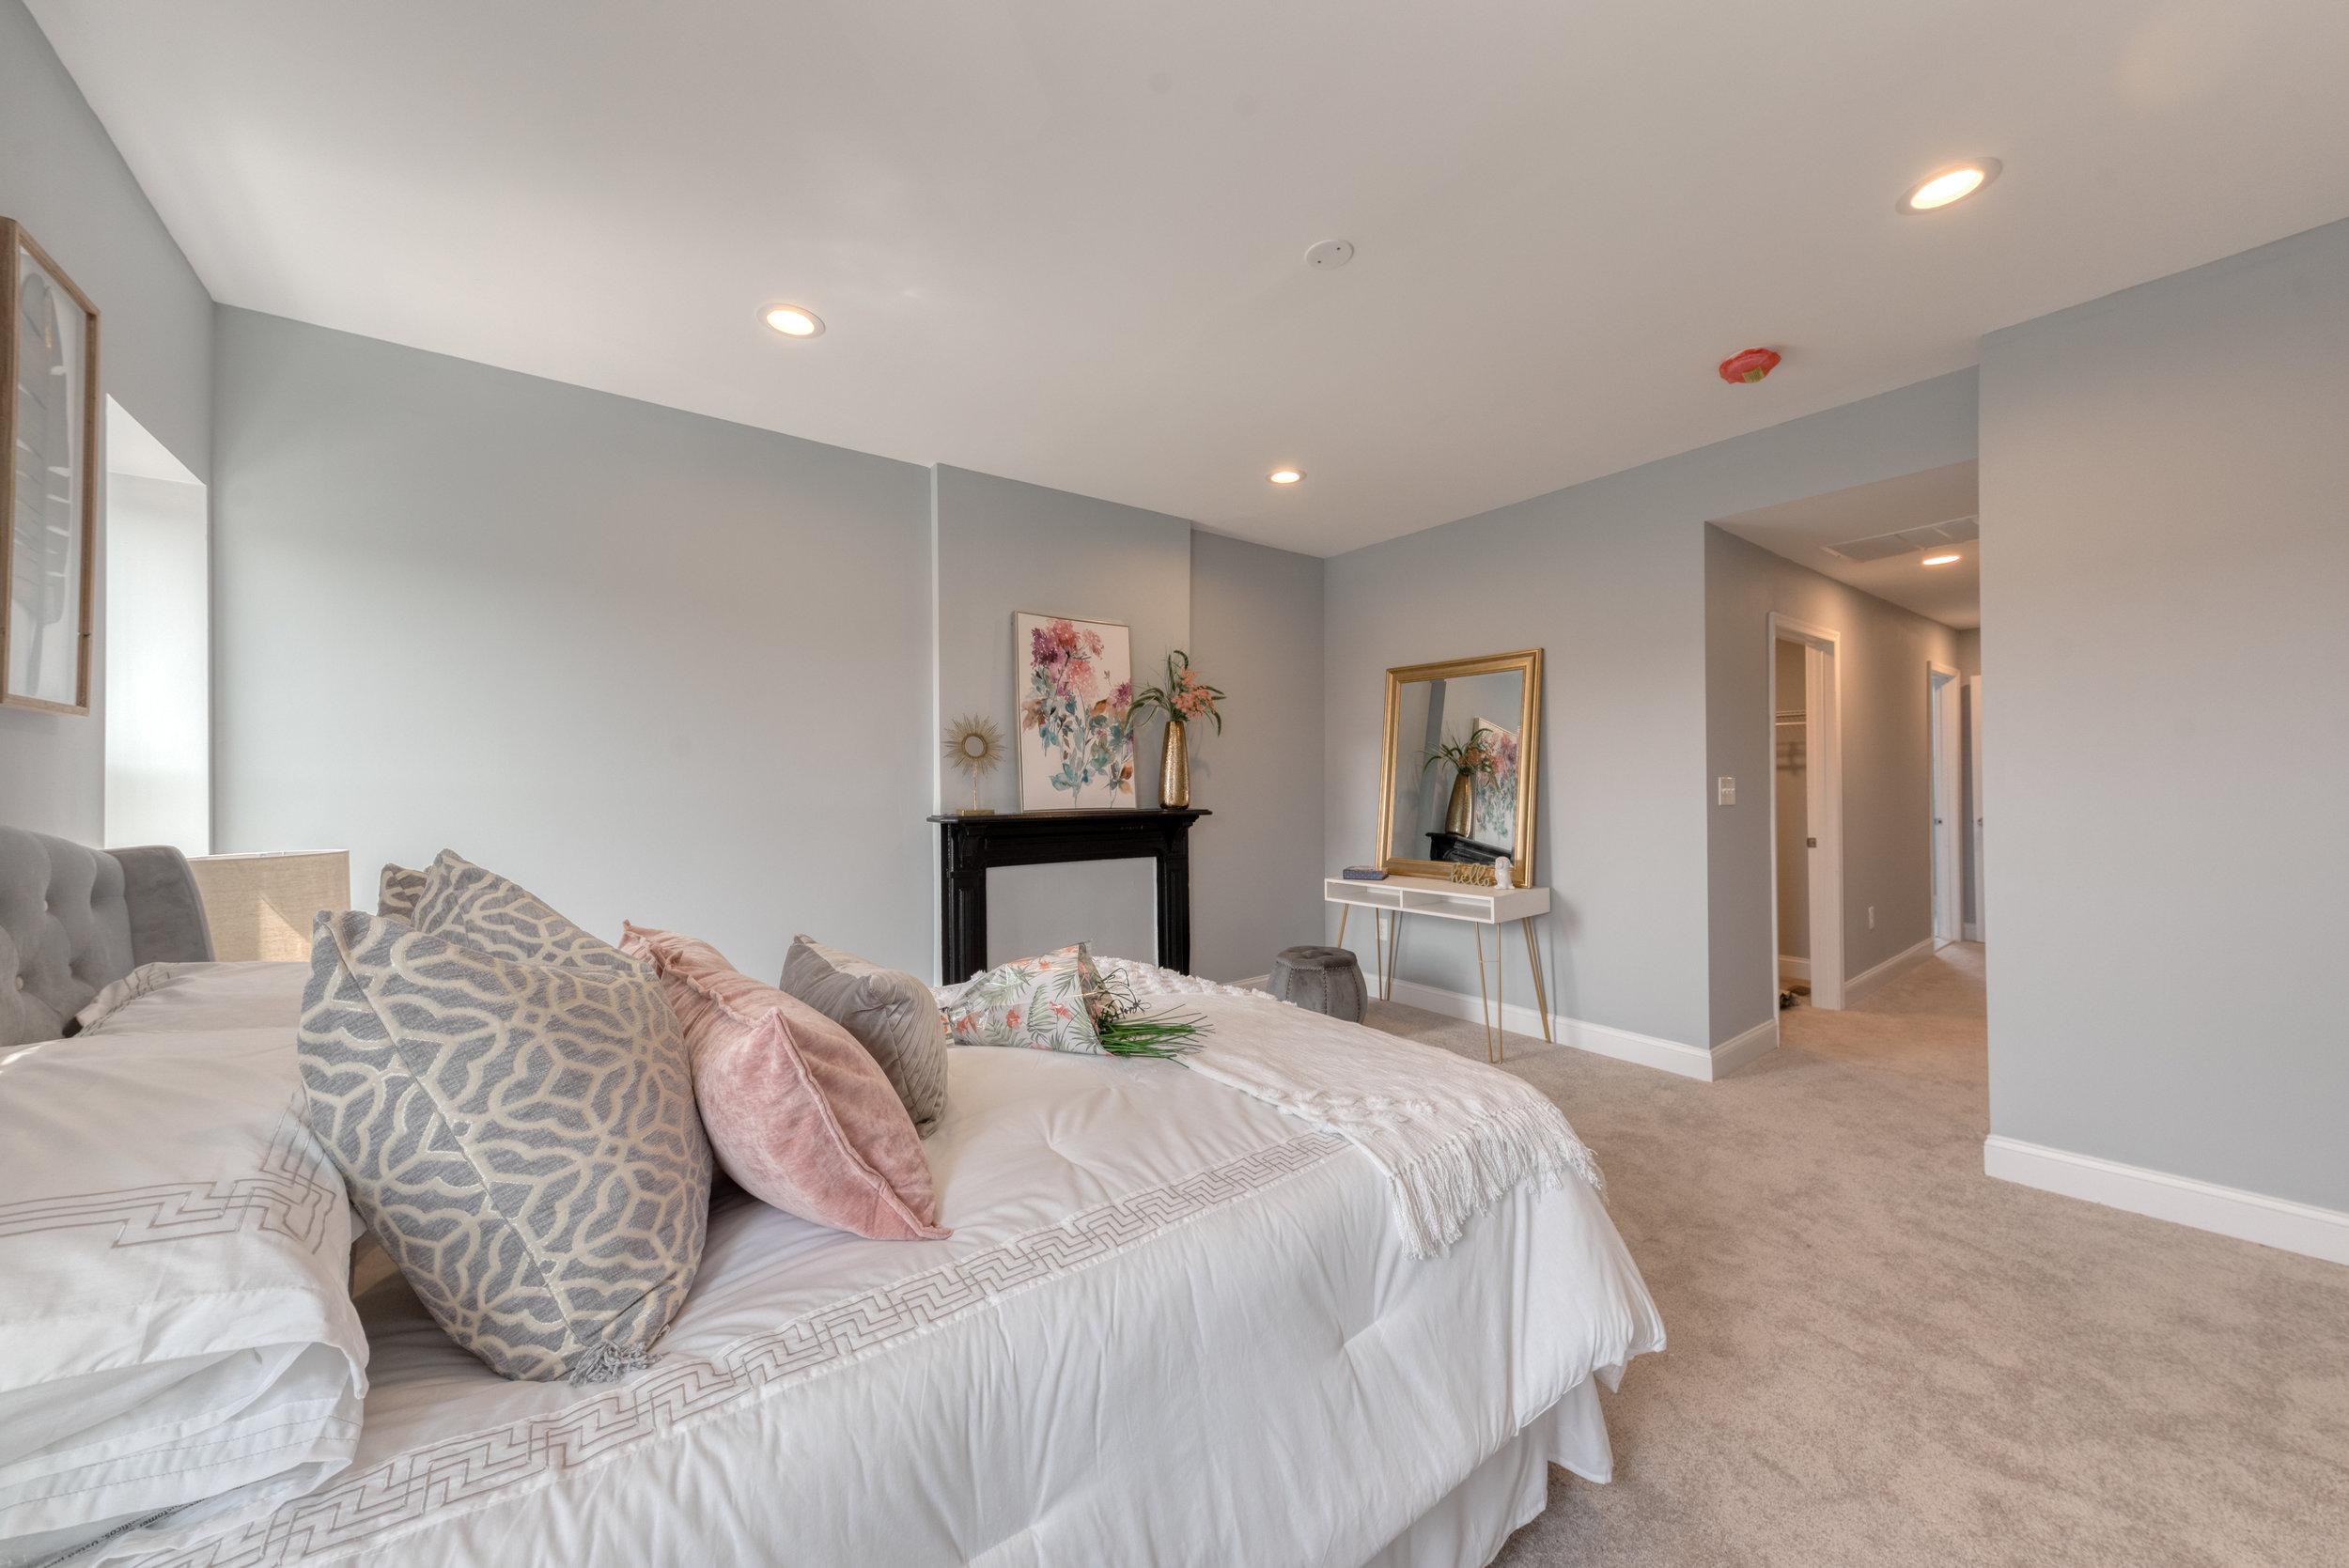 1534 N Broadway-Bedroom 4.JPG